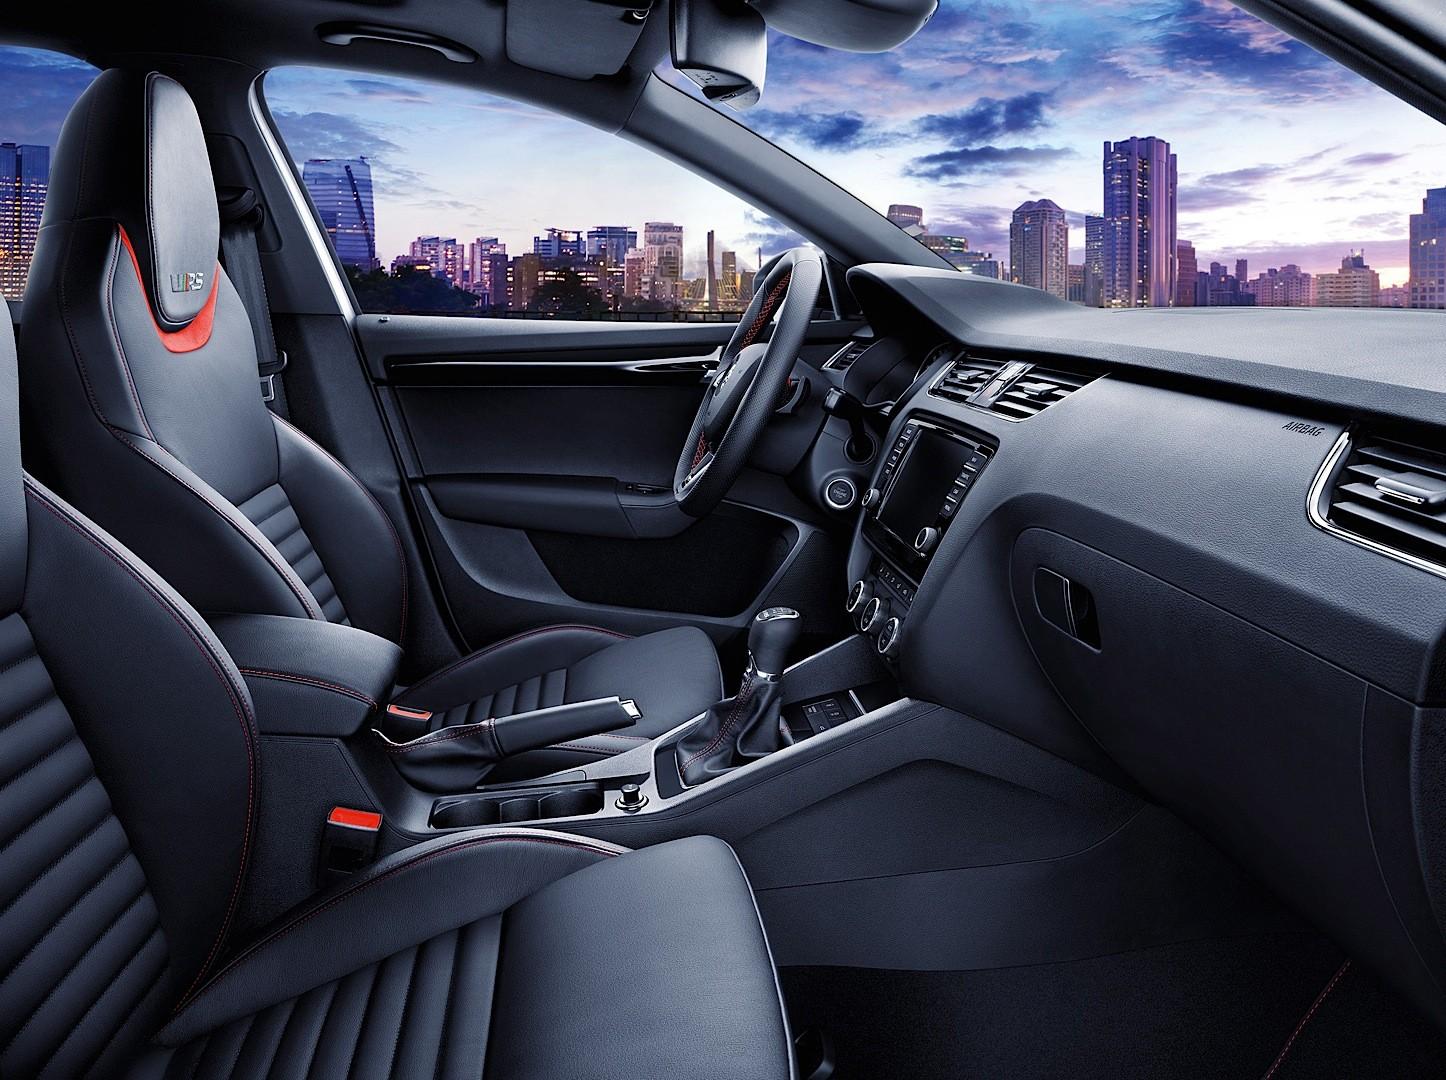 Skoda Octavia RS 230, interior